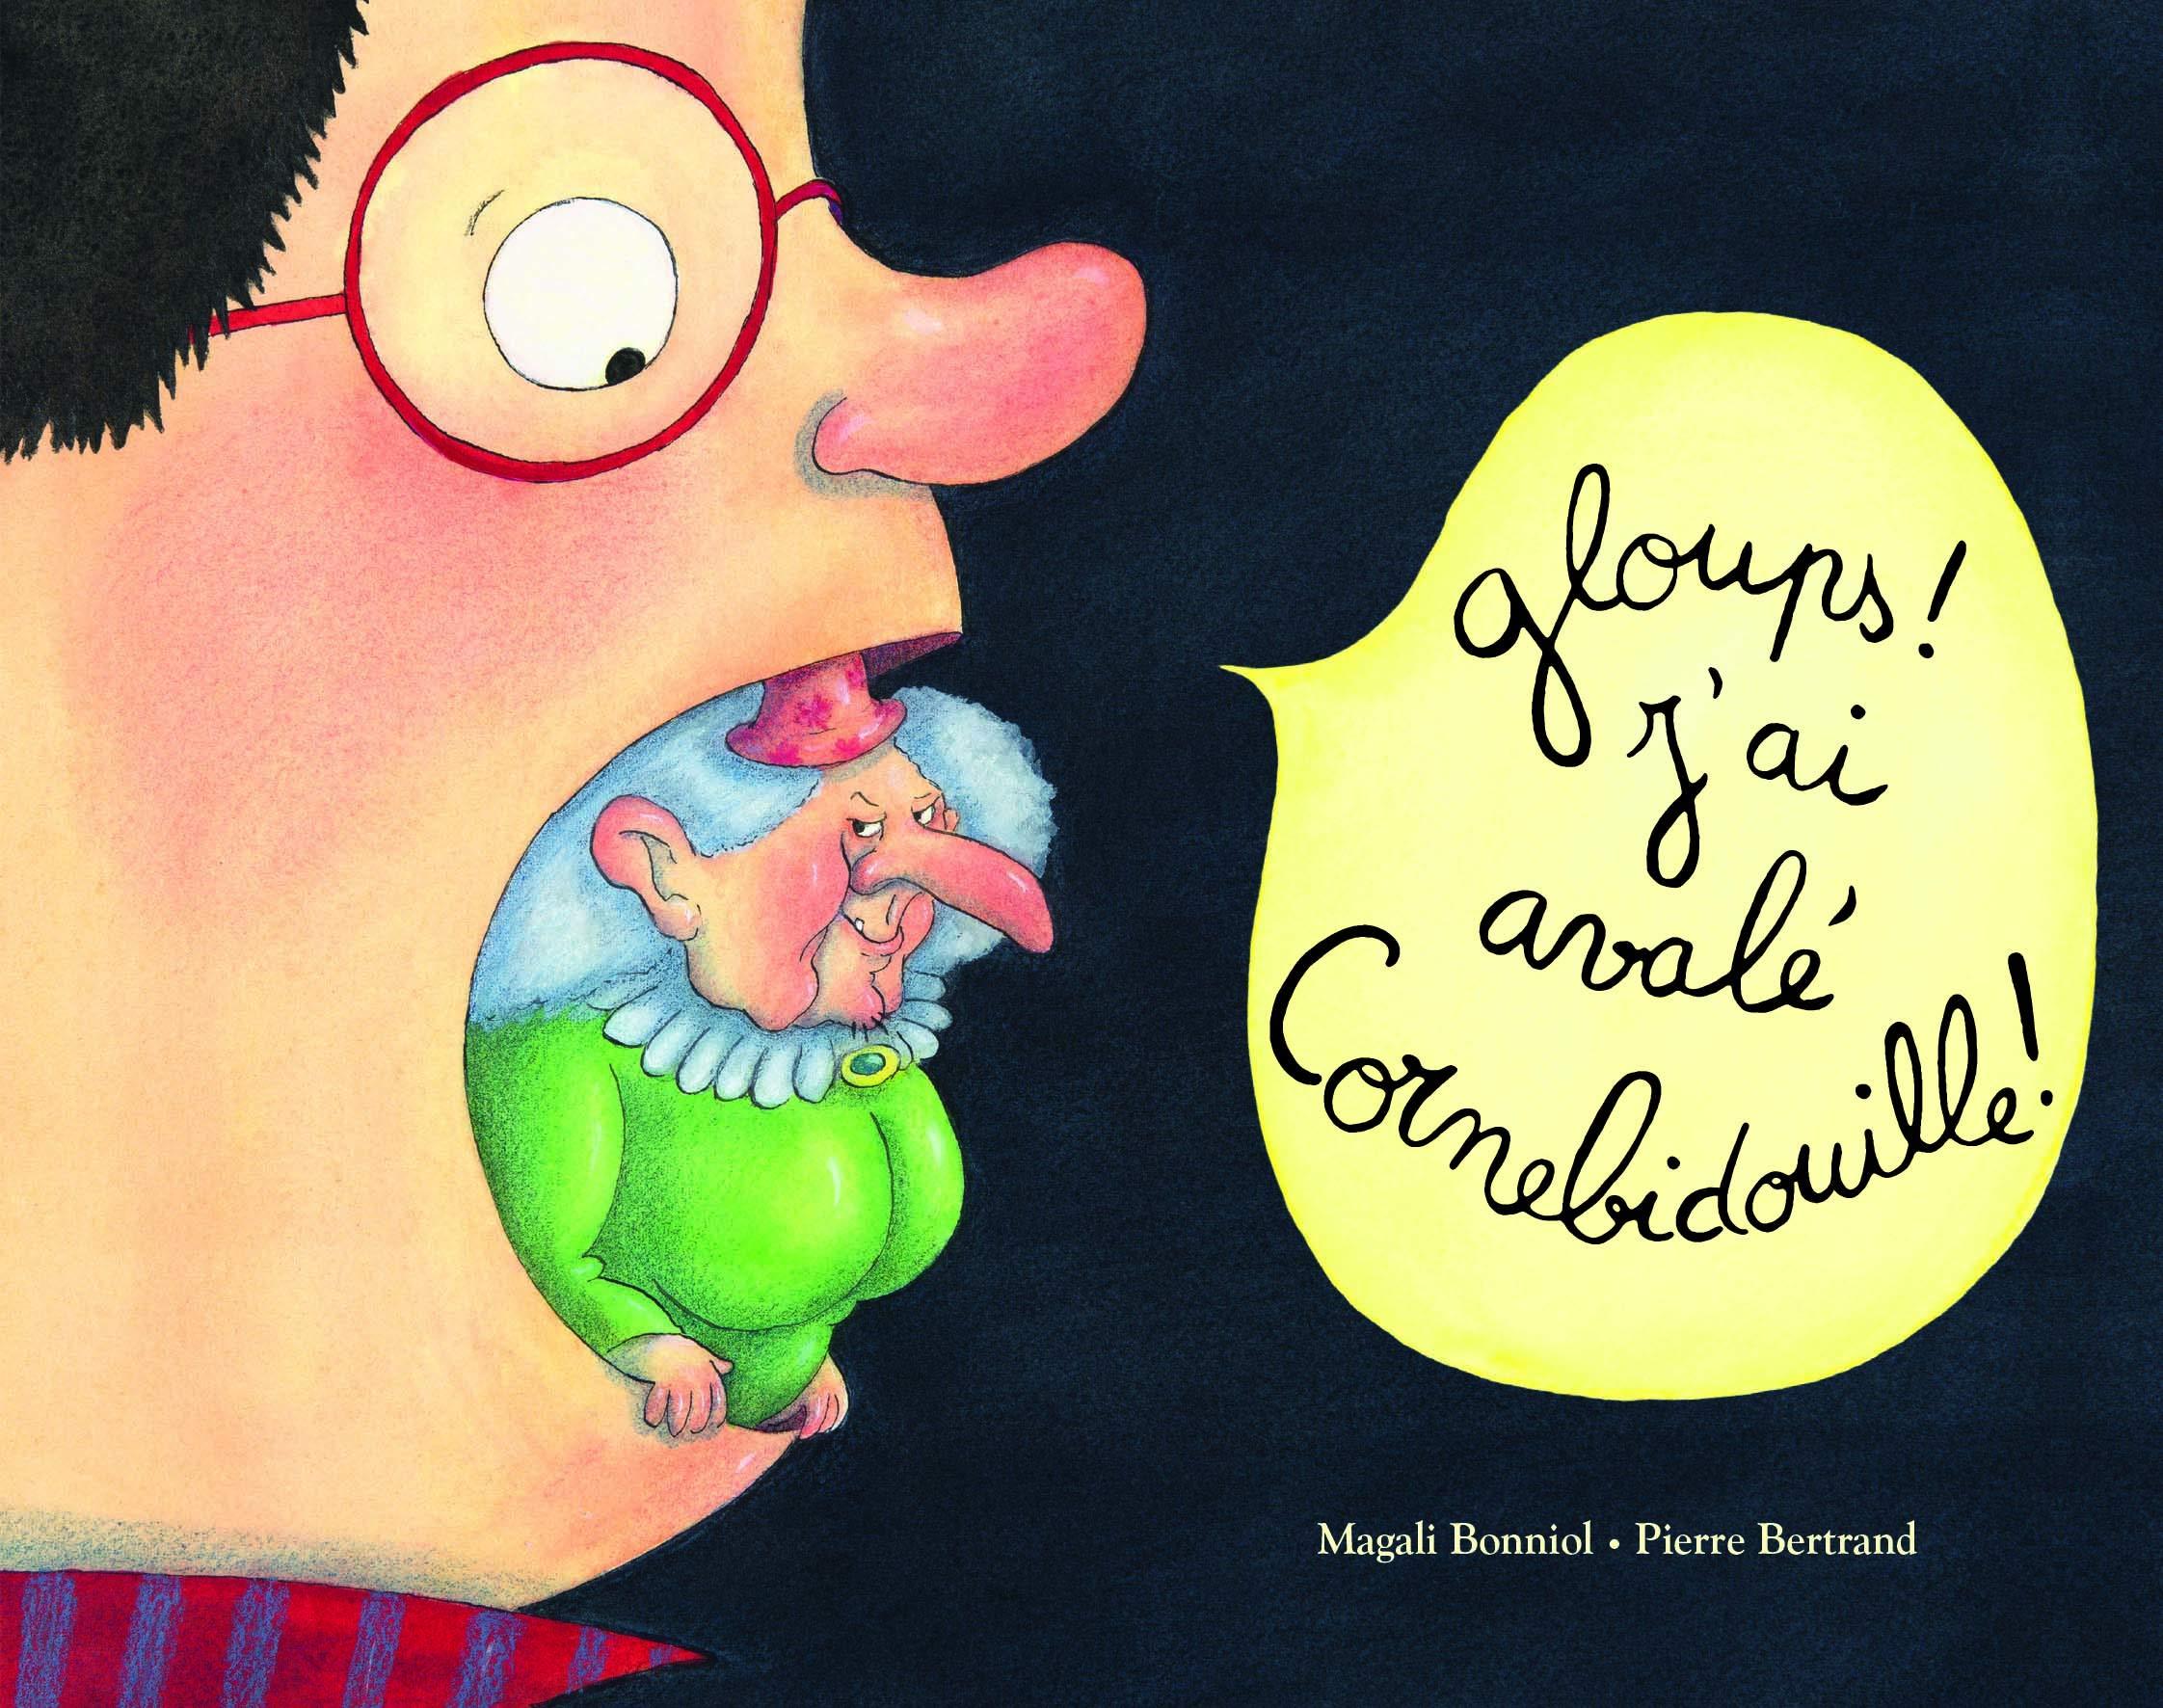 Gloups! j'ai avale cornebidouille! Poche – 17 octobre 2018 Bertrand Pierre Magali Bonniol L'Ecole des Loisirs 2211238157